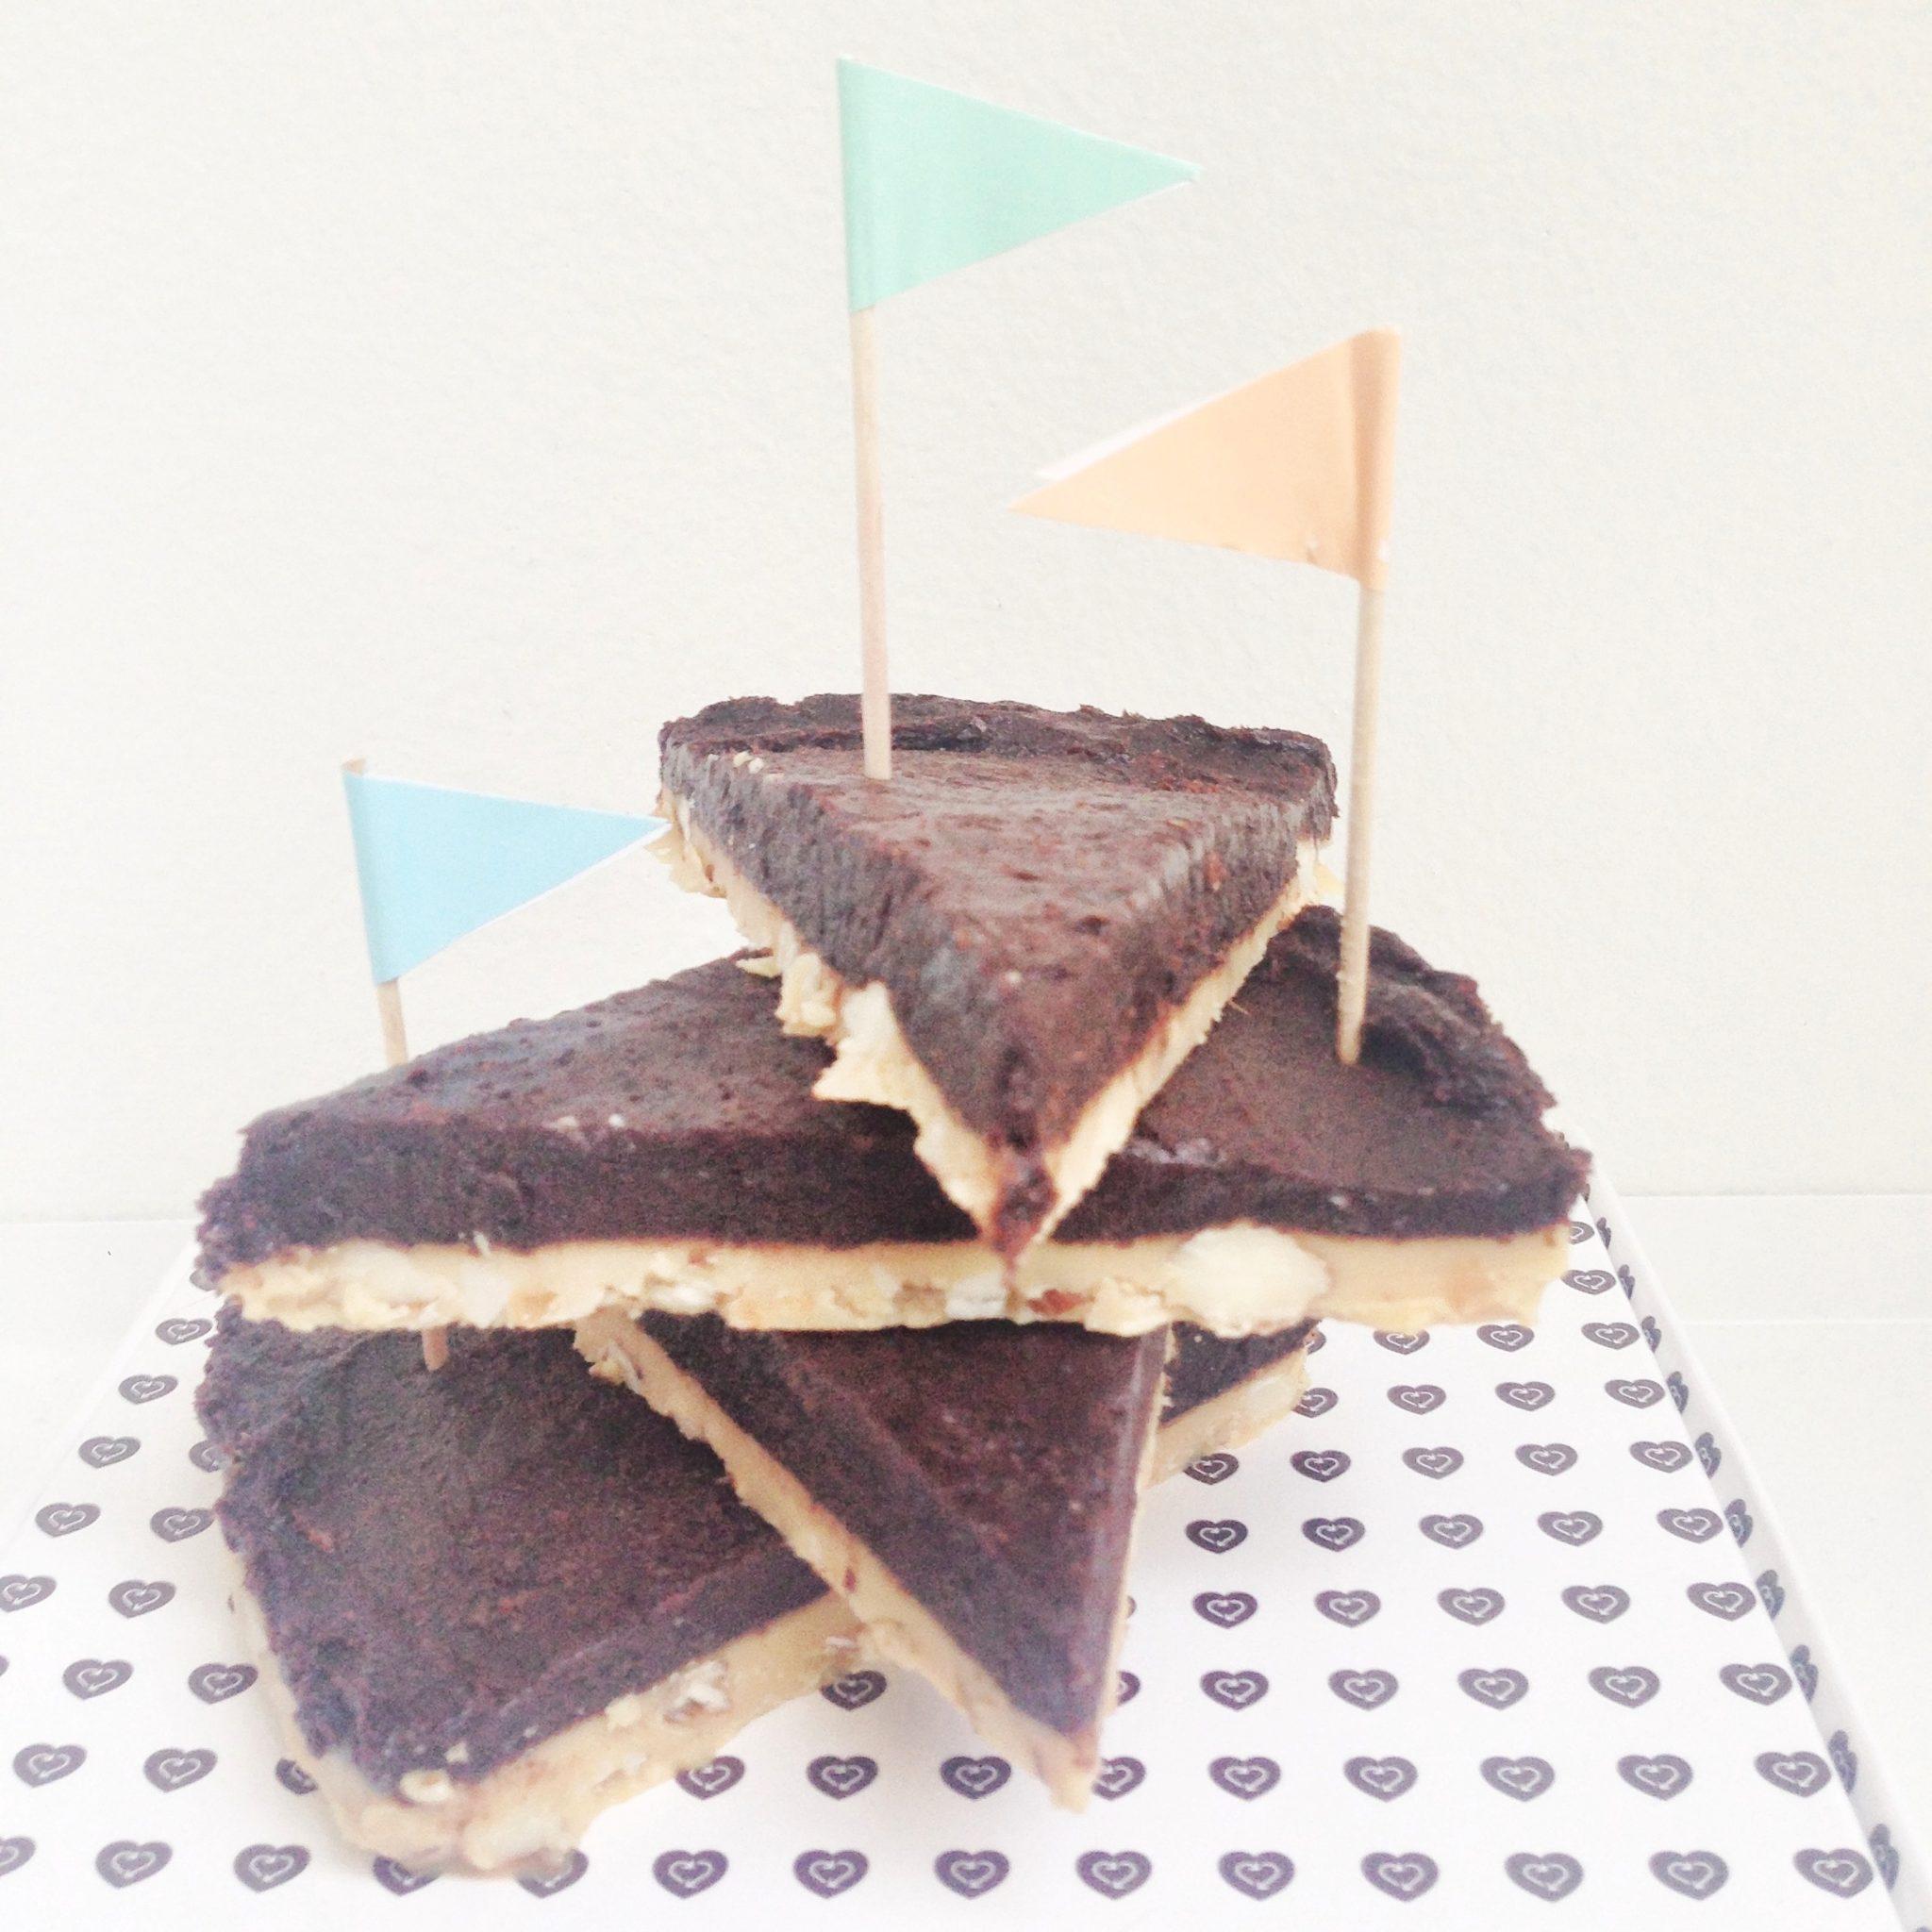 Et tårn af snickerskage sukkerfri med flag på og uden sukker